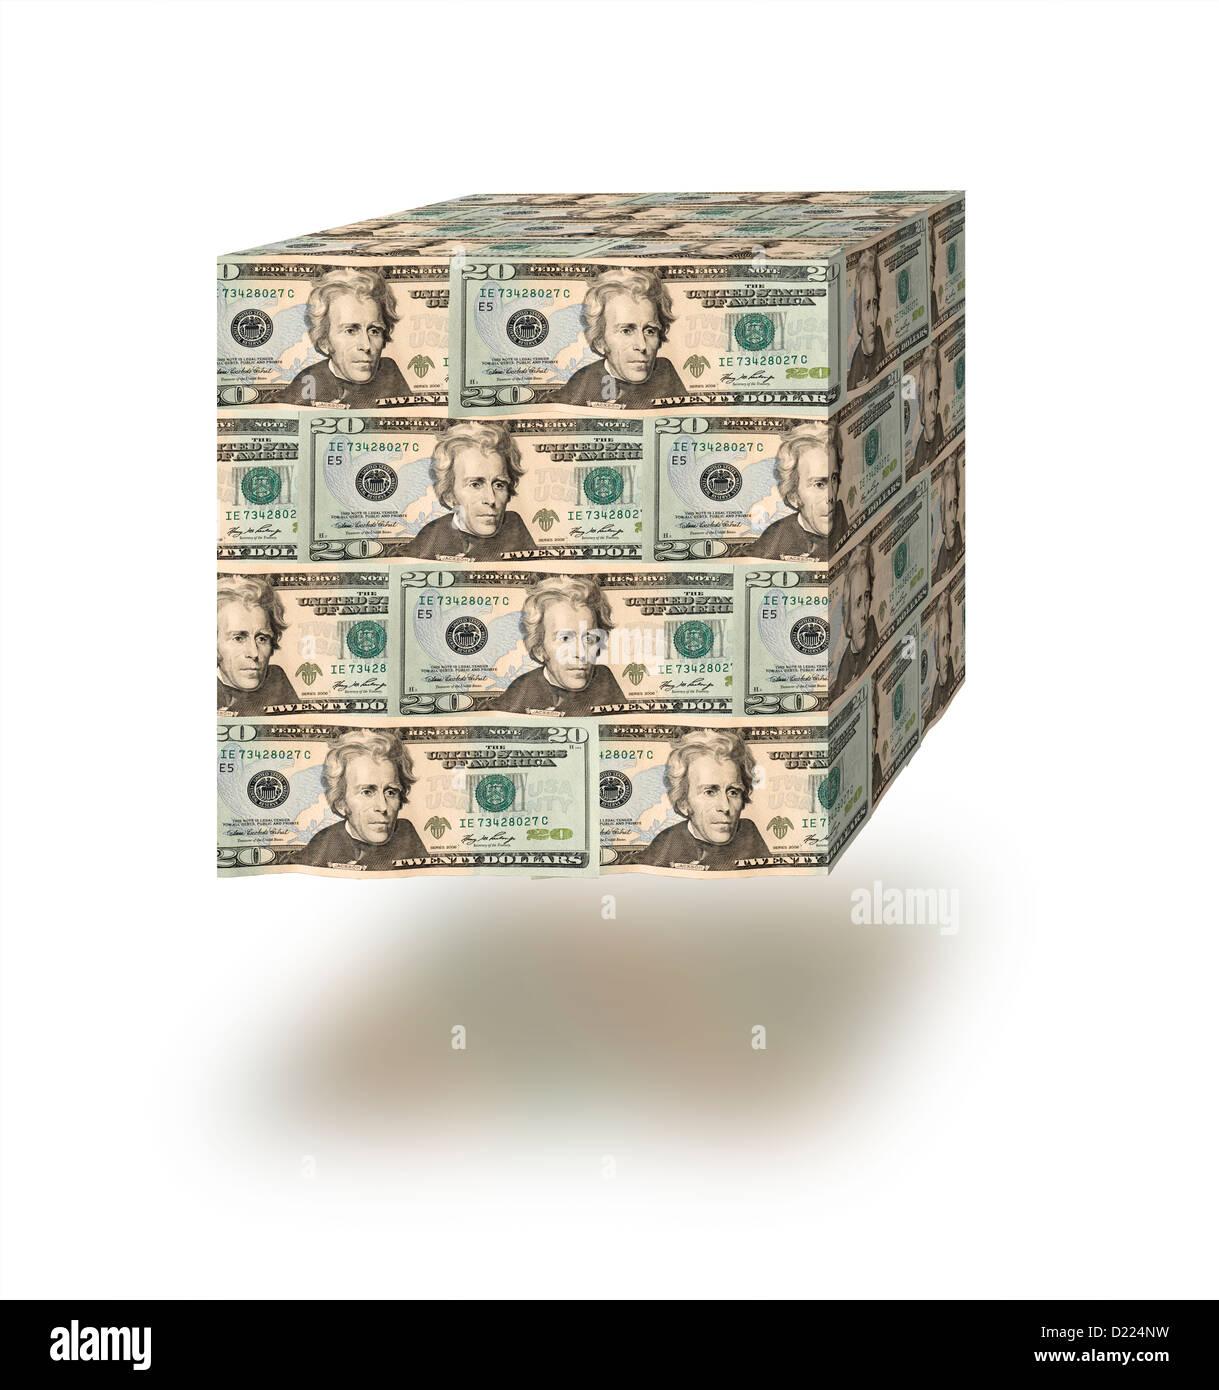 Cubo di denaro contro uno sfondo bianco Immagini Stock